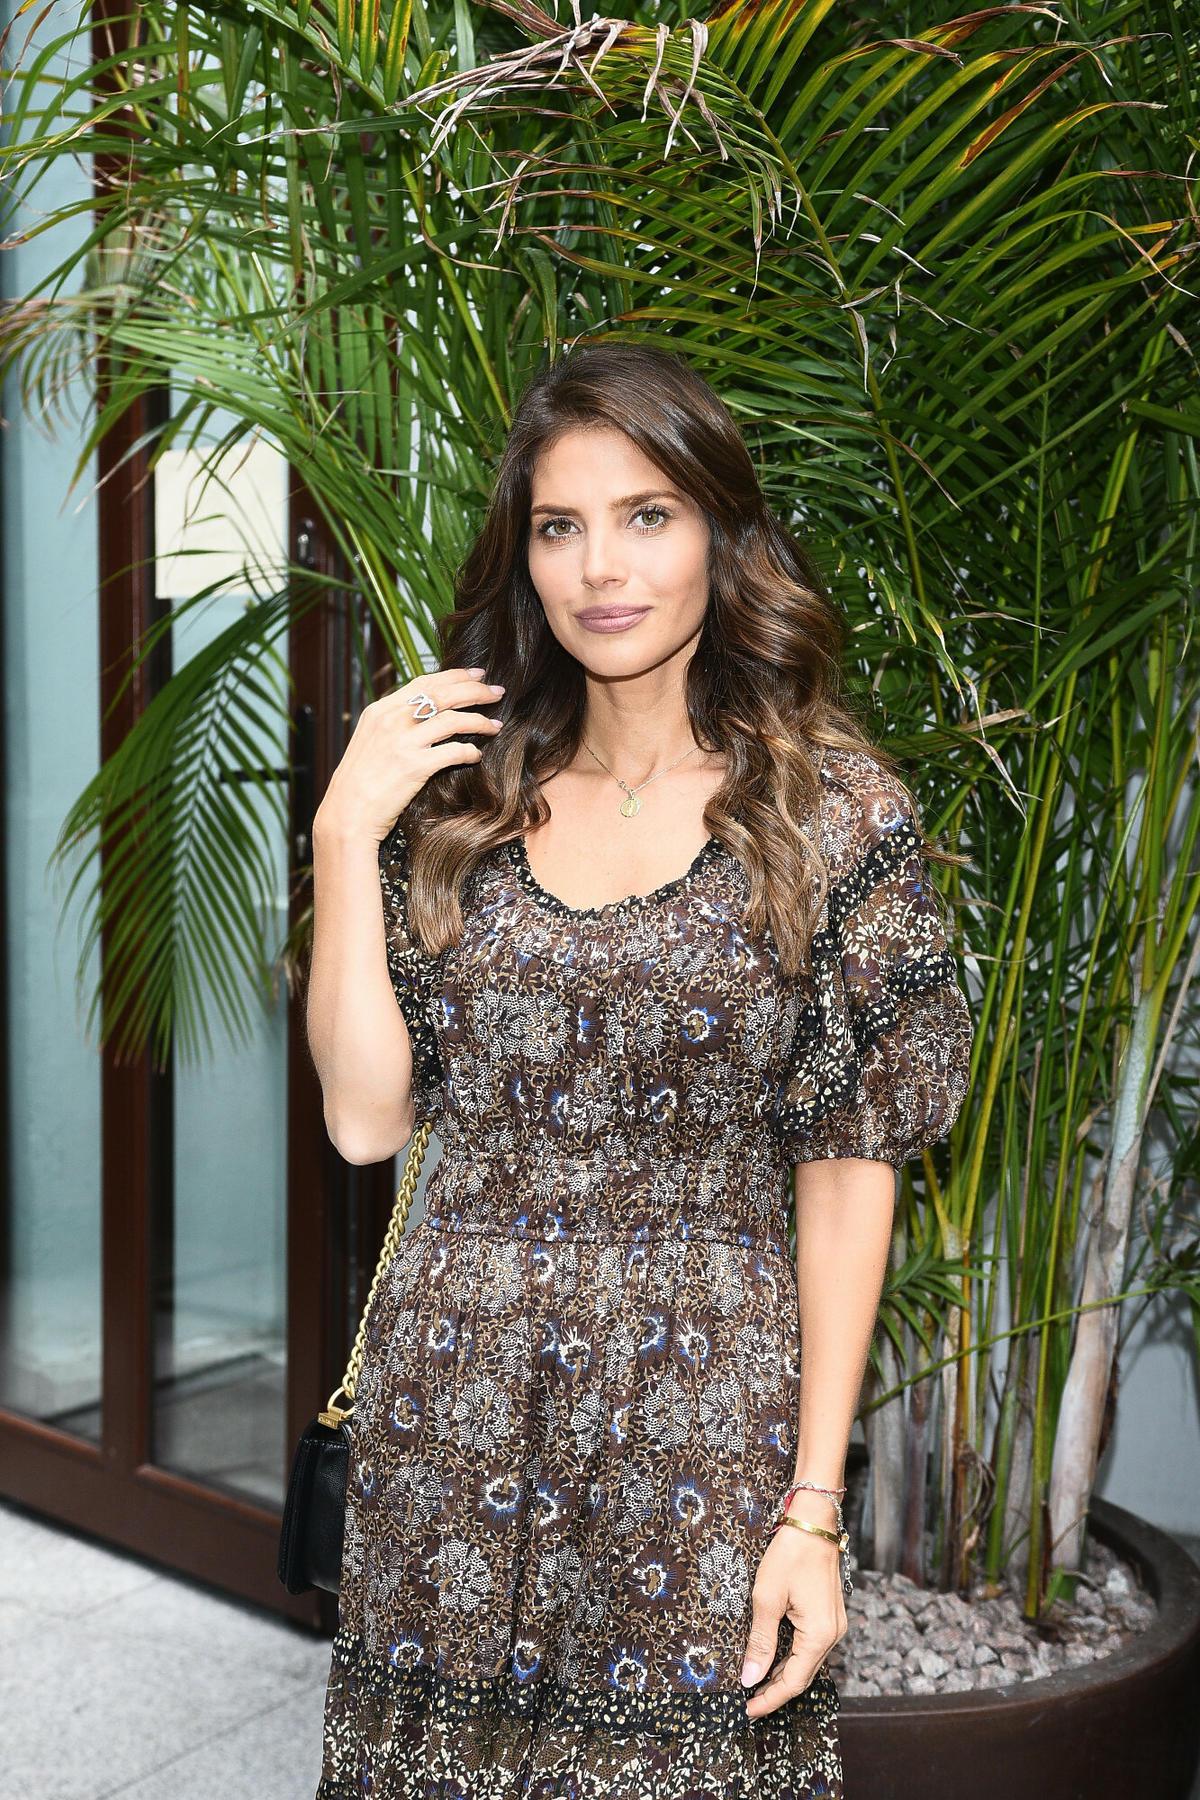 Weronika Rosati promuje swoją markę kosmetyczną